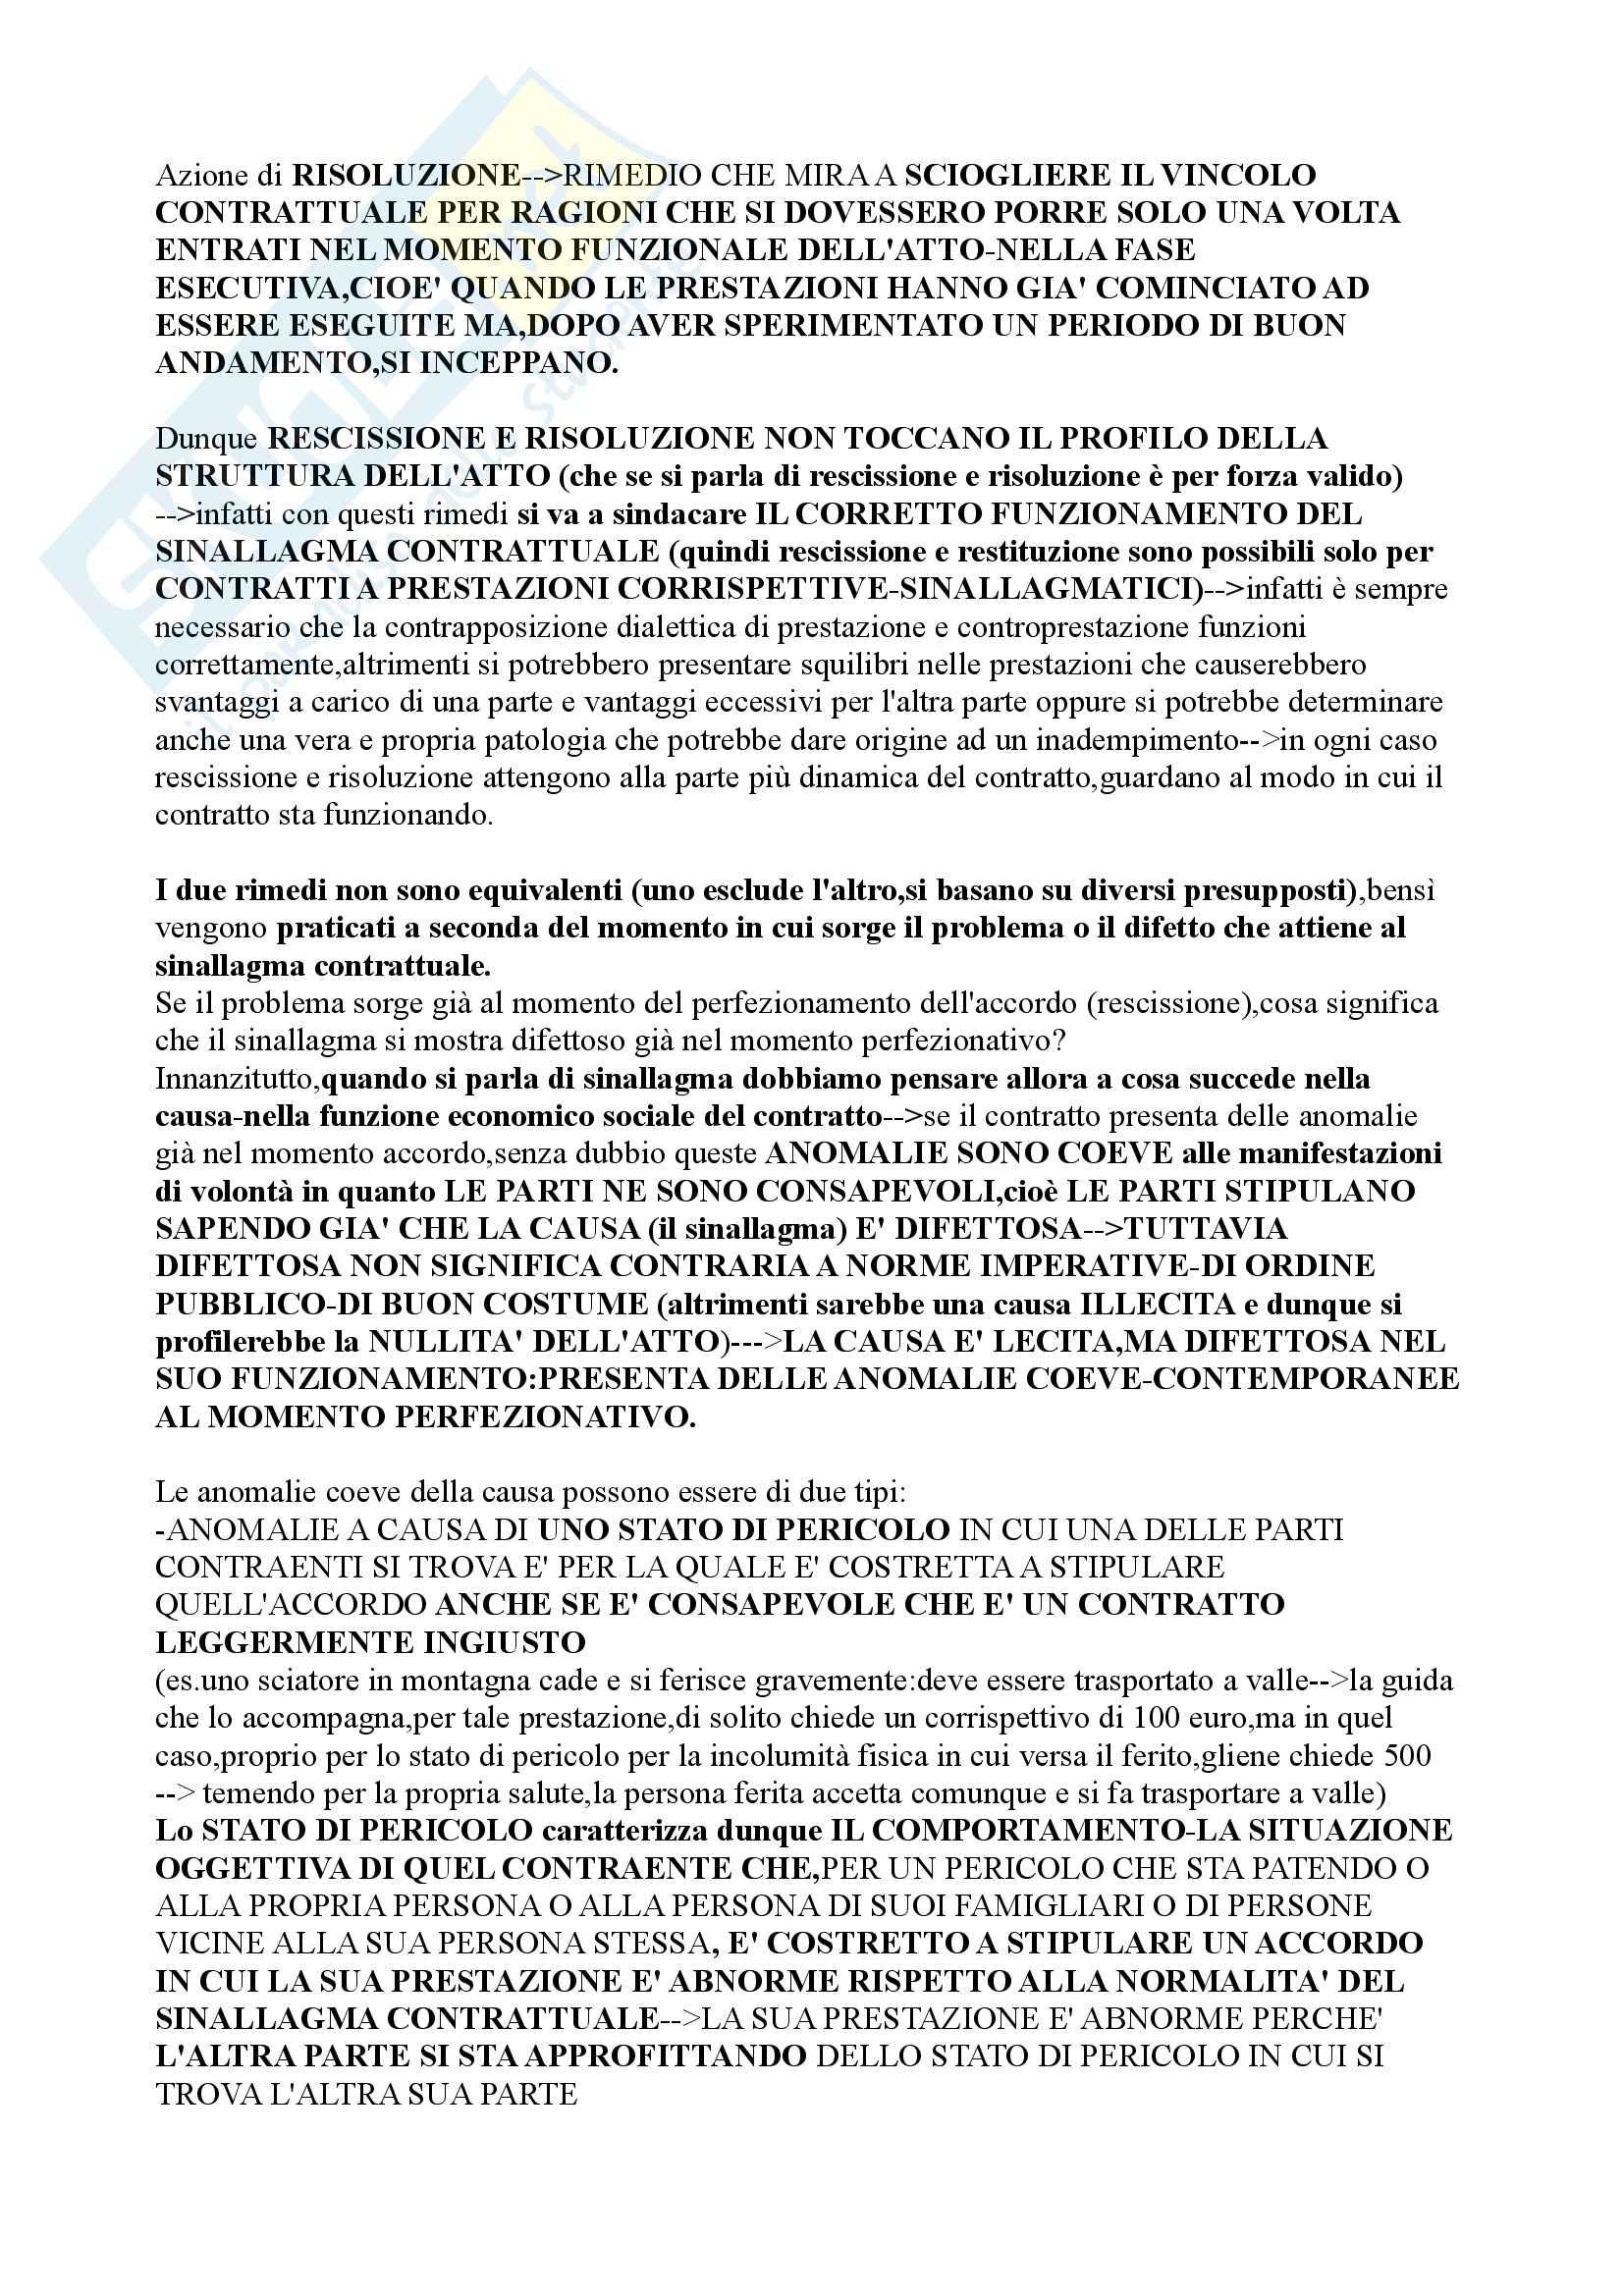 Appunti Lezioni Istituzioni di Diritto Privato 2 Pasquino Unitn Trento Giurisprudenza Torrente Contratti parte 2 2015/2016 Pag. 126